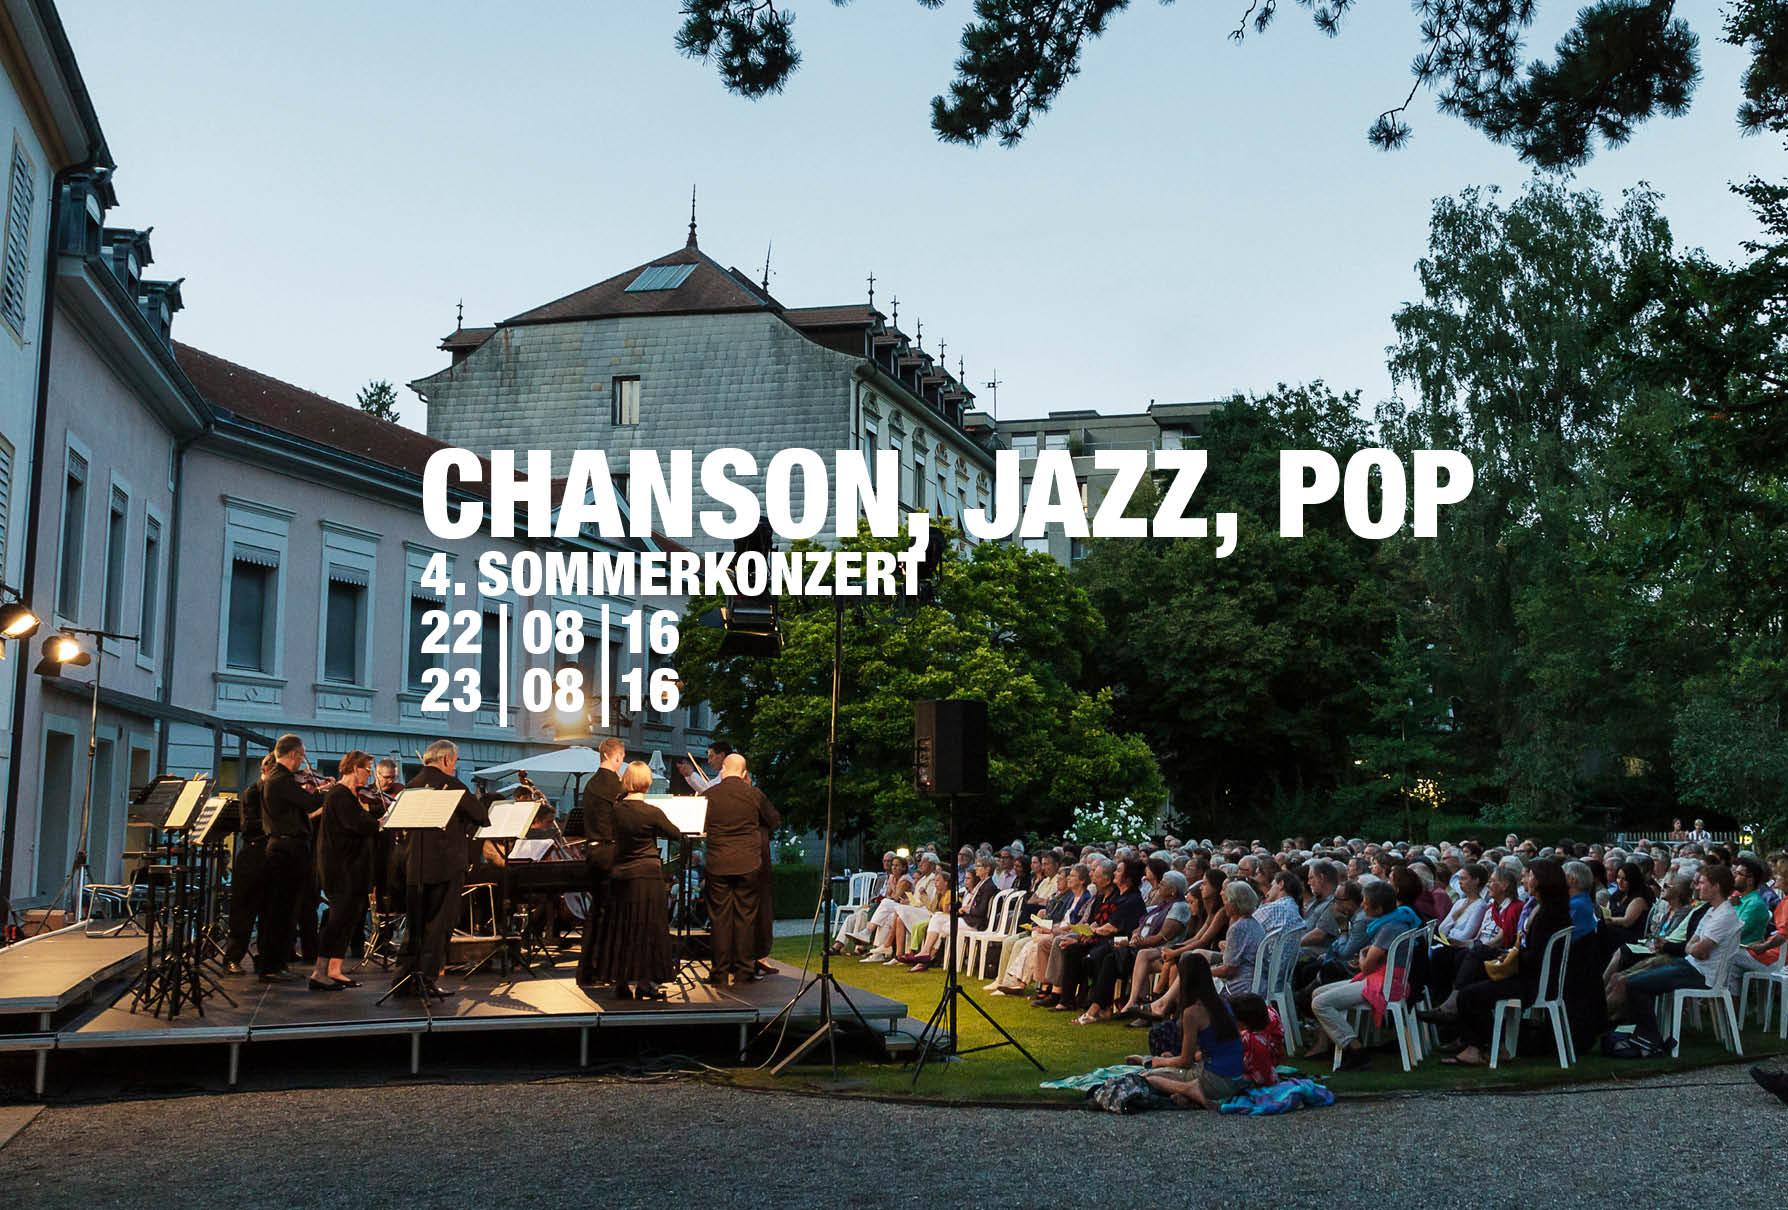 Chanson, Jazz, Pop